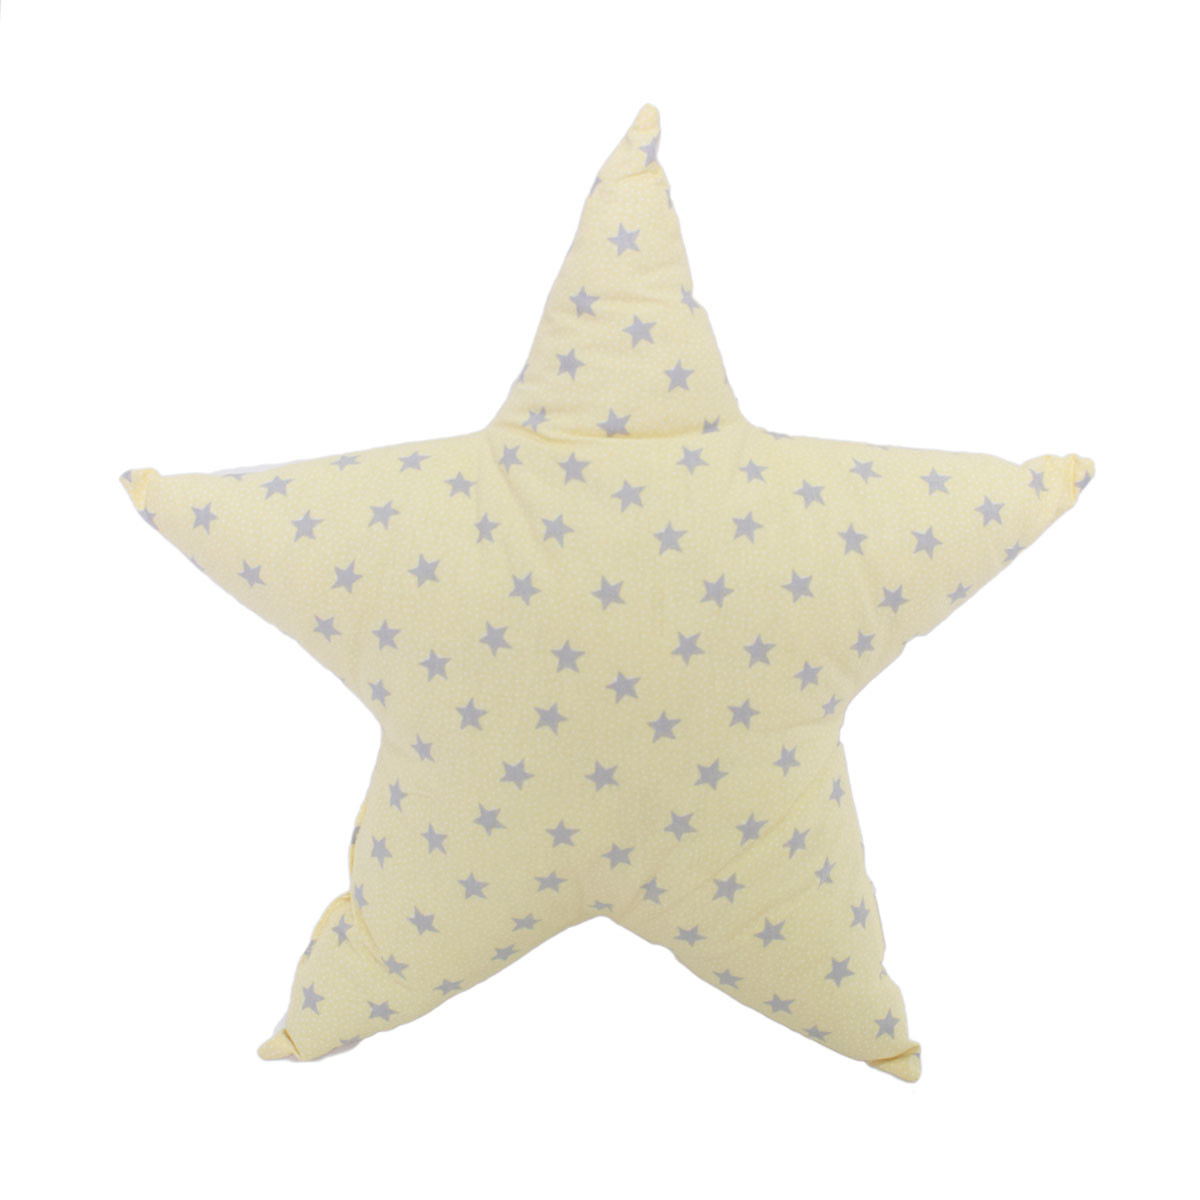 Διακοσμητικό Μαξιλάρι Cigit Star Yellow/Grey